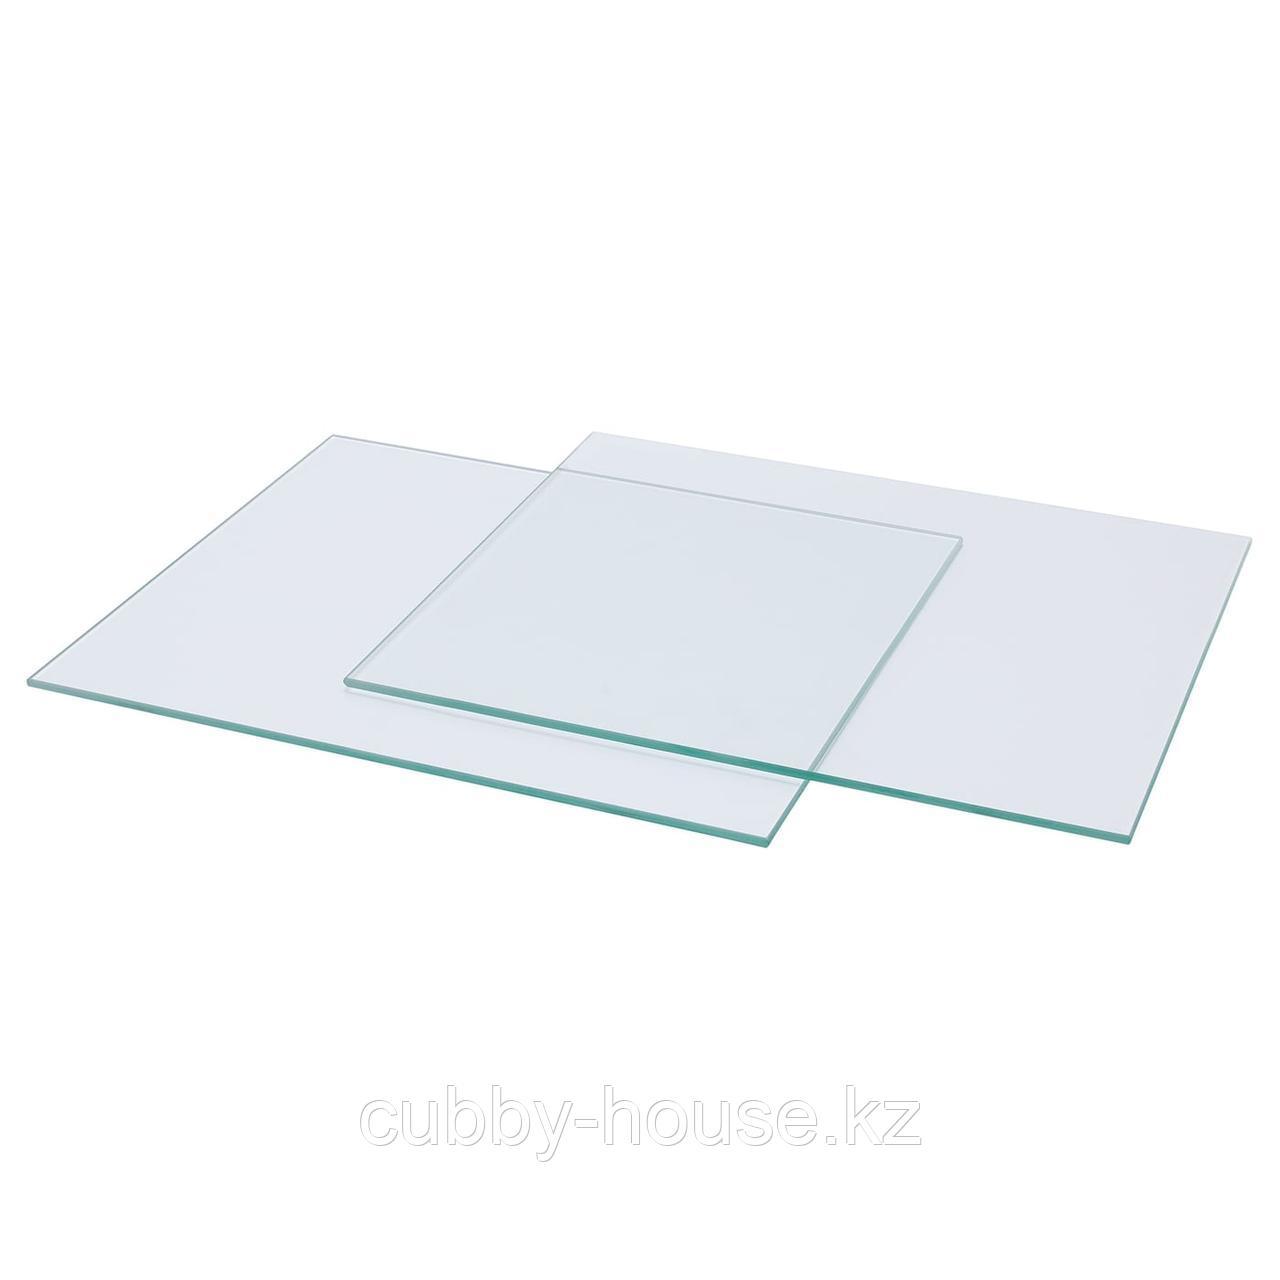 КАЛЛАКС Полка стеклянная, 33x38 см